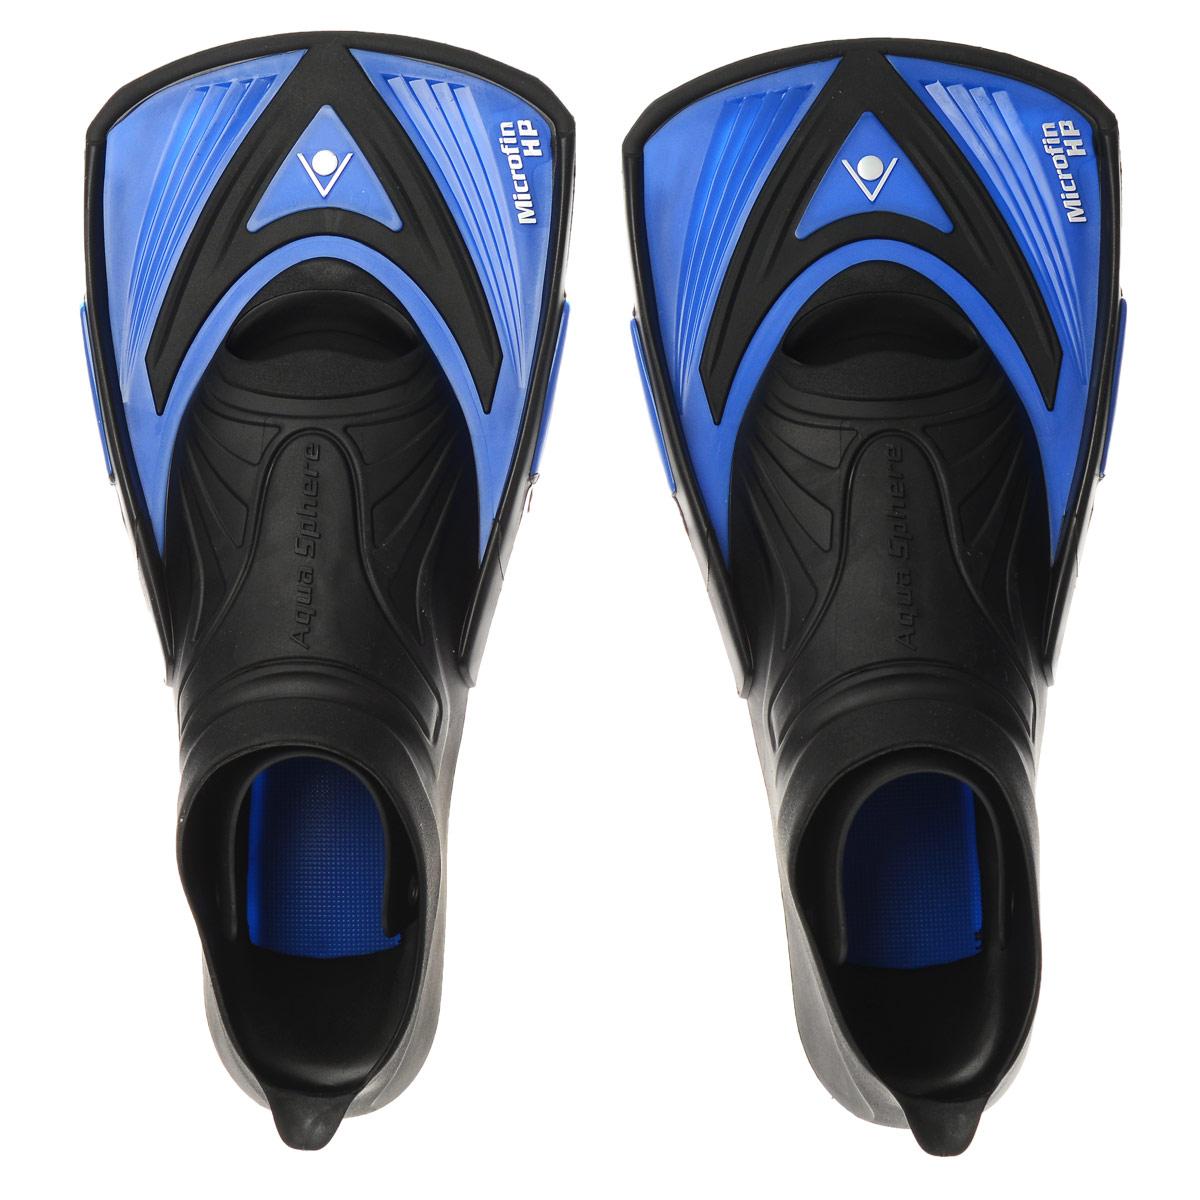 Ласты тренировочные Aqua Sphere Microfin HP, цвет: синий, черный. Размер 38/39TN 221390 (205380)Aqua Sphere Microfin HP - это ласты для энергичной манеры плавания, предназначенные для серьезных спортивных тренировок. Уникальный дизайн ласт обеспечивает достаточное сопротивление воды для силовых тренировок и поддерживает ноги близко к поверхности воды - таким образом, пловец занимает правильное положение, гарантирующее максимальную обтекаемость. Особенности:Галоша с закрытой пяткой выполнена из прочного термопластика.Короткие лопасти удерживают ноги пловца близко к поверхности воды.Позволяют развивать силу мышц и поддерживать их в тонусе, одновременно совершенствуя технику плавания.